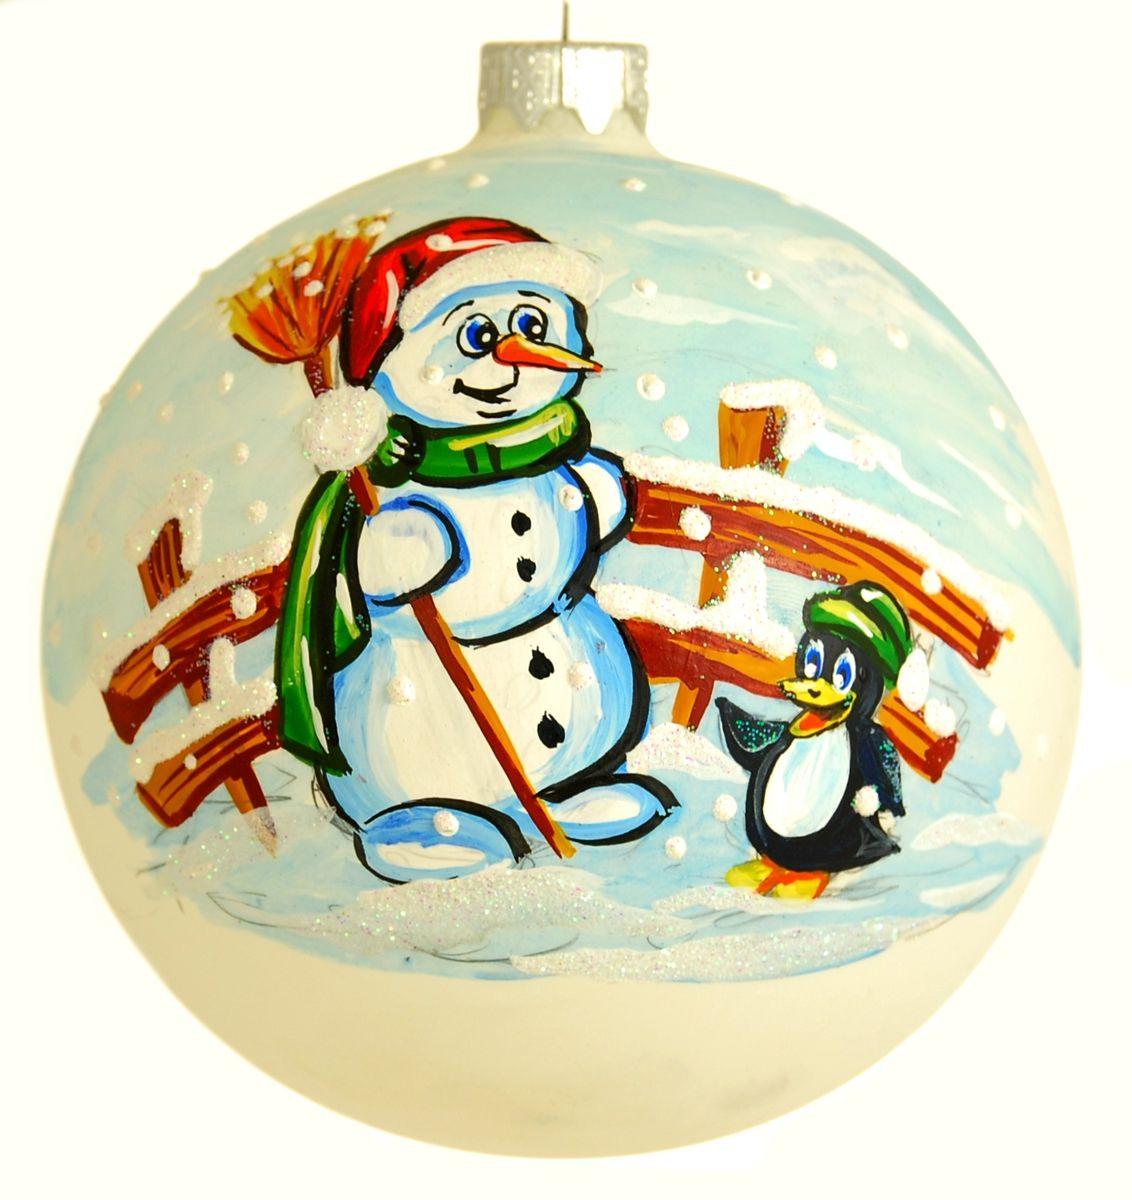 """Стеклянная елочная игрушка - Шар """"Снеговик и пингвин"""" диаметром 100 мм. Ручная роспись. Упакован в подарочную коробку + защитный гофрокороб."""